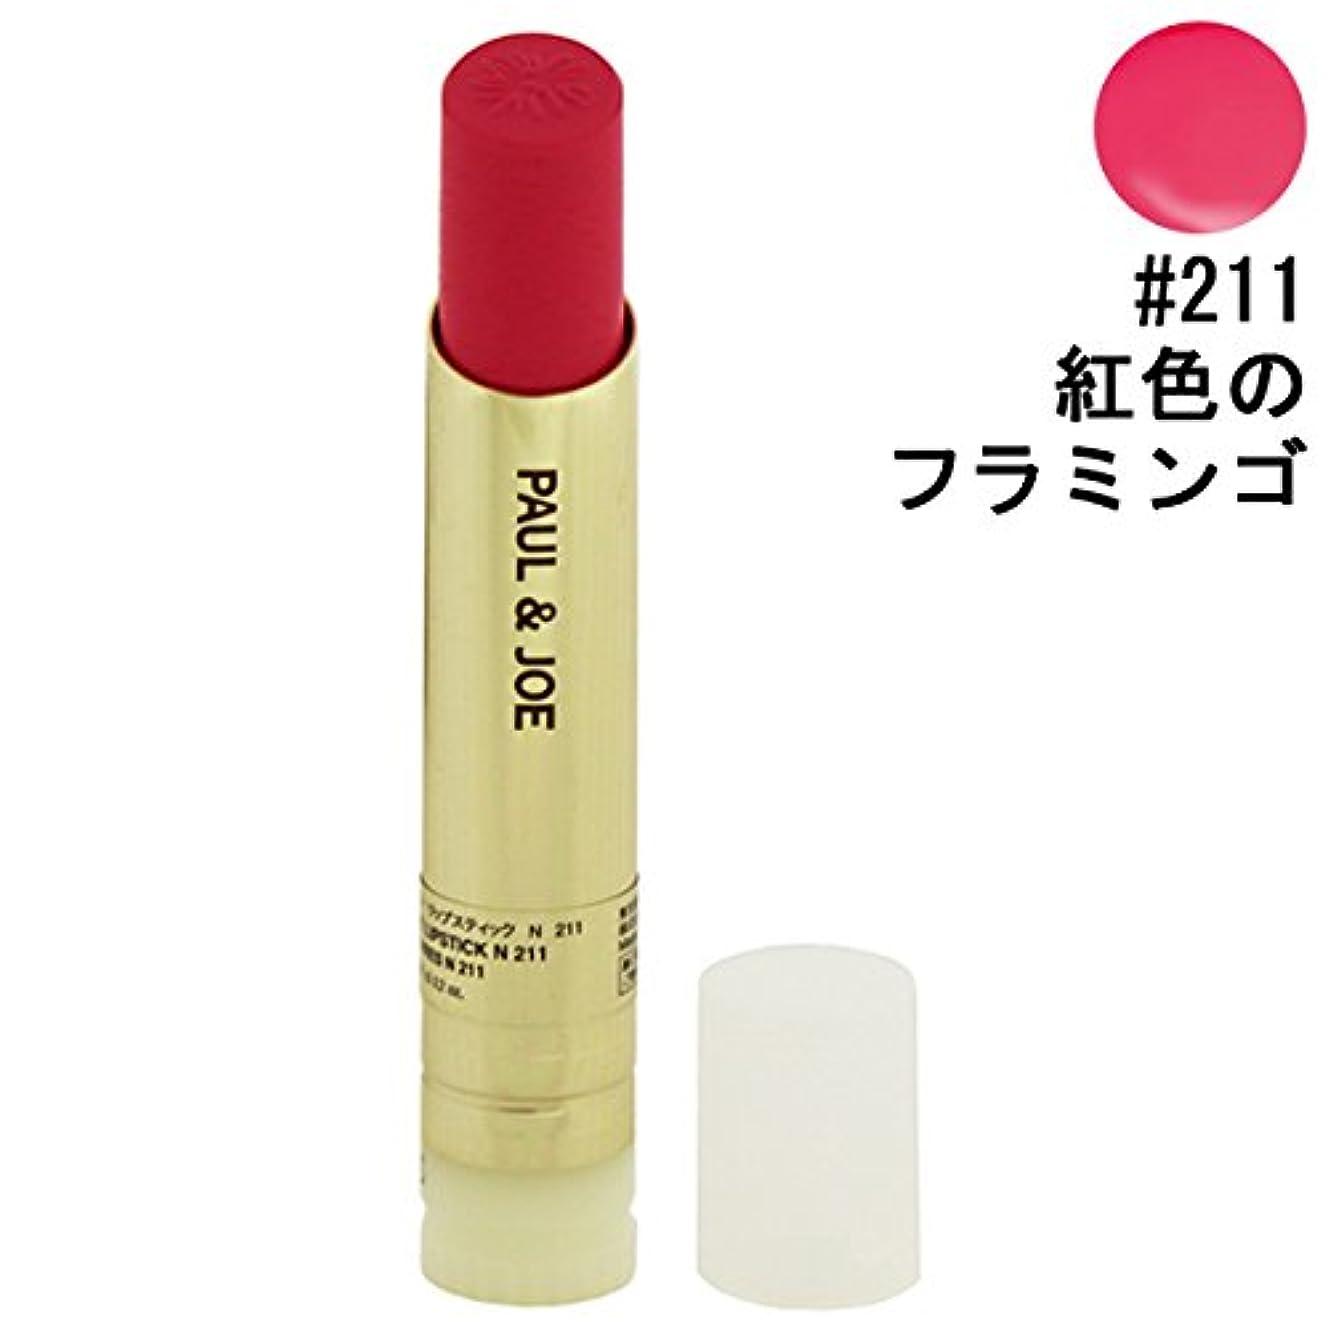 【ポール&ジョー】リップスティックN #211 紅色のフラミンゴ (レフィル) 3.5g